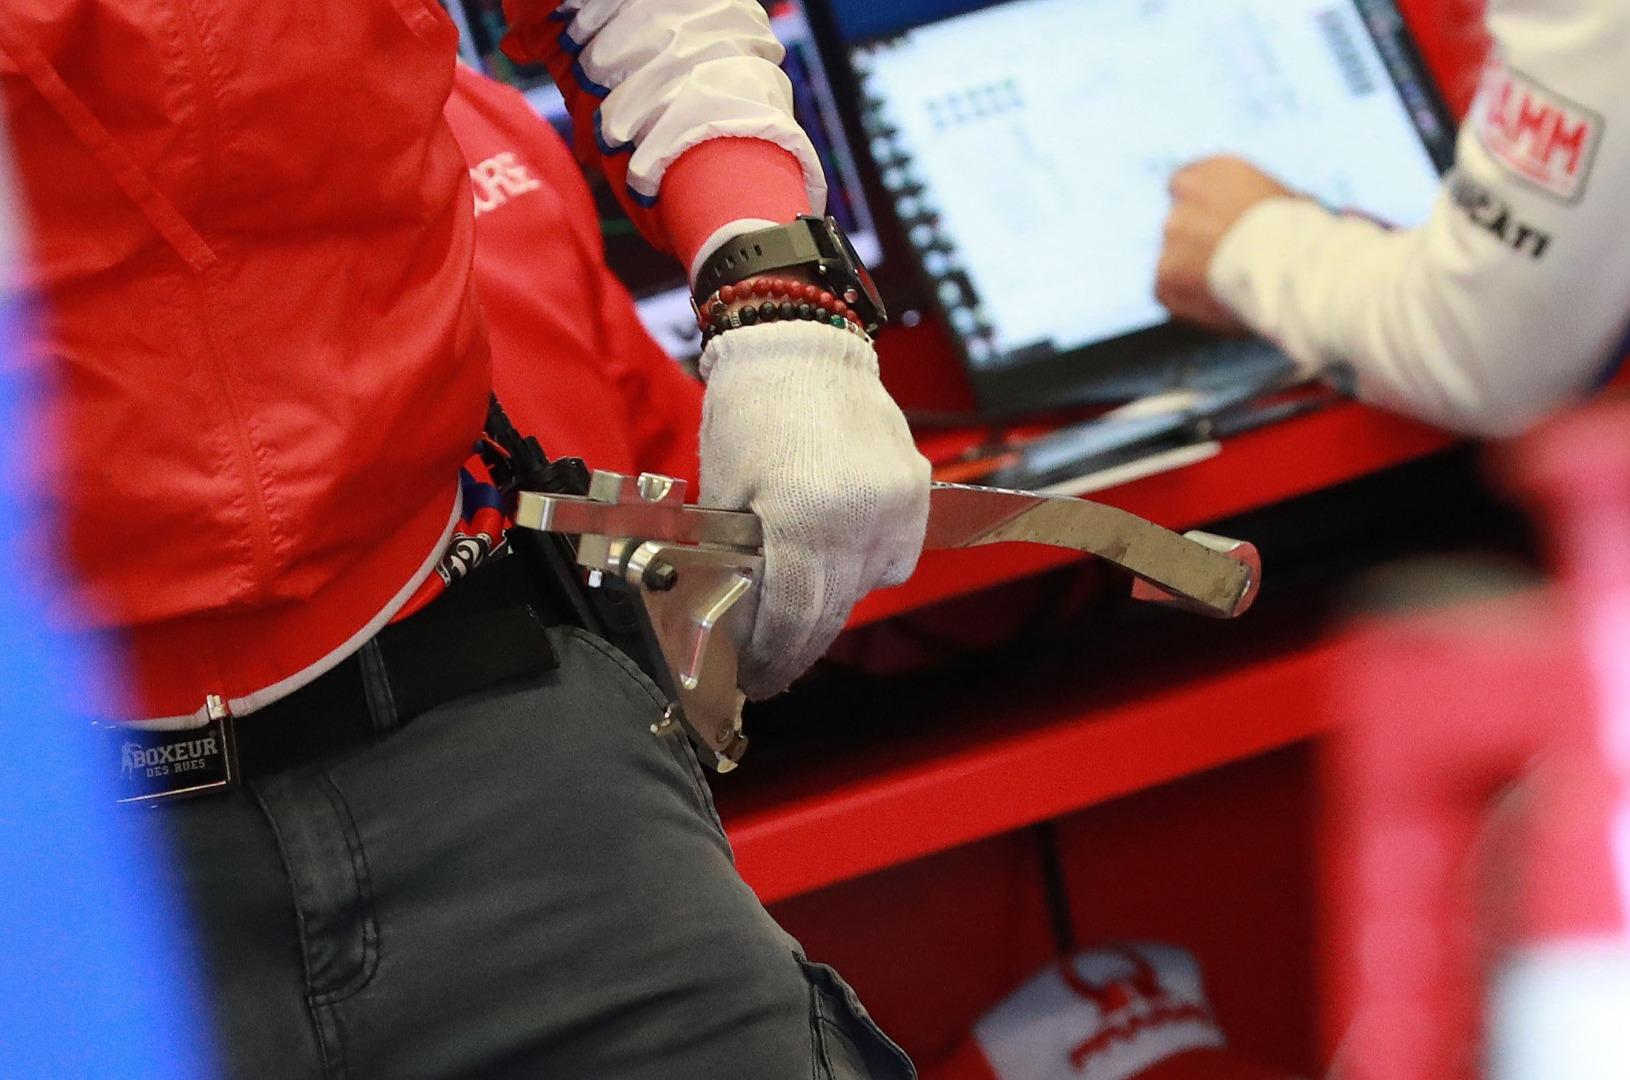 Nuevos experimentos Ducati de la mano de Dall'Igna